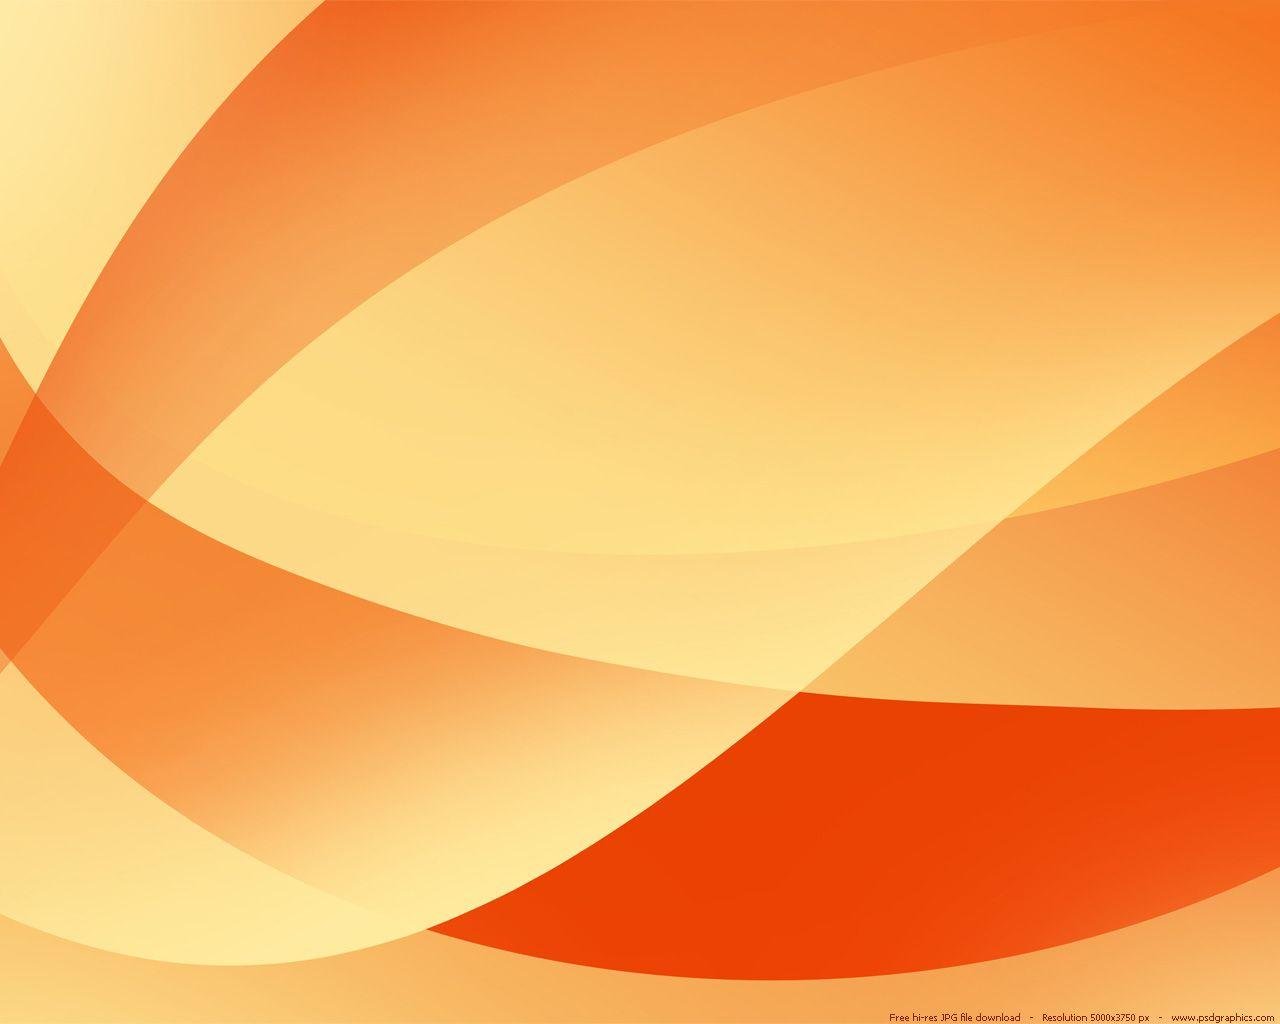 Shades Of Orange Orange  Abstract Orange Backgrounds  Psdgraphics  Shades Of